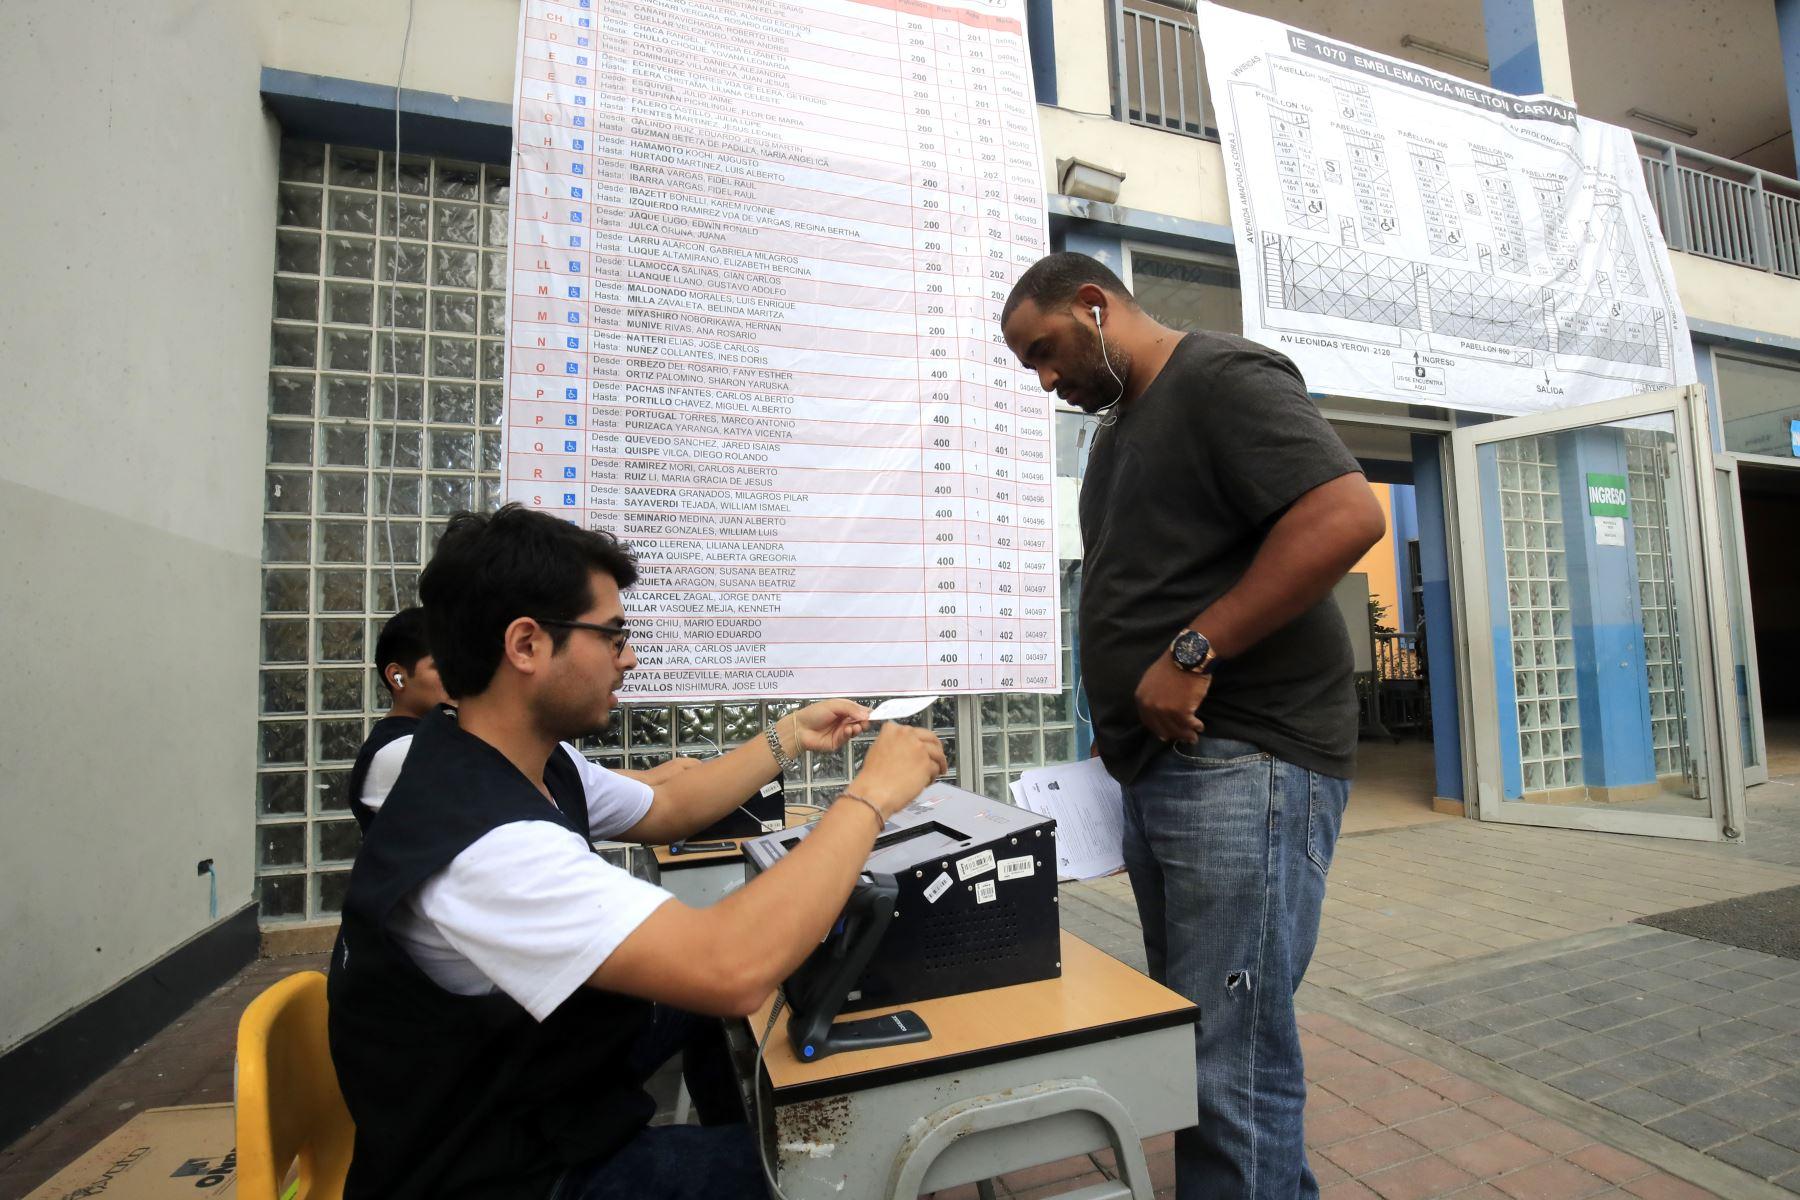 Mesas listas en el centro educativo Melitón Carvajal para que los ciudadanos emitan su voto en las Elecciones Congresales Extraordinarias 2020. Foto: ANDINA/Juan Carlos Guzmán.